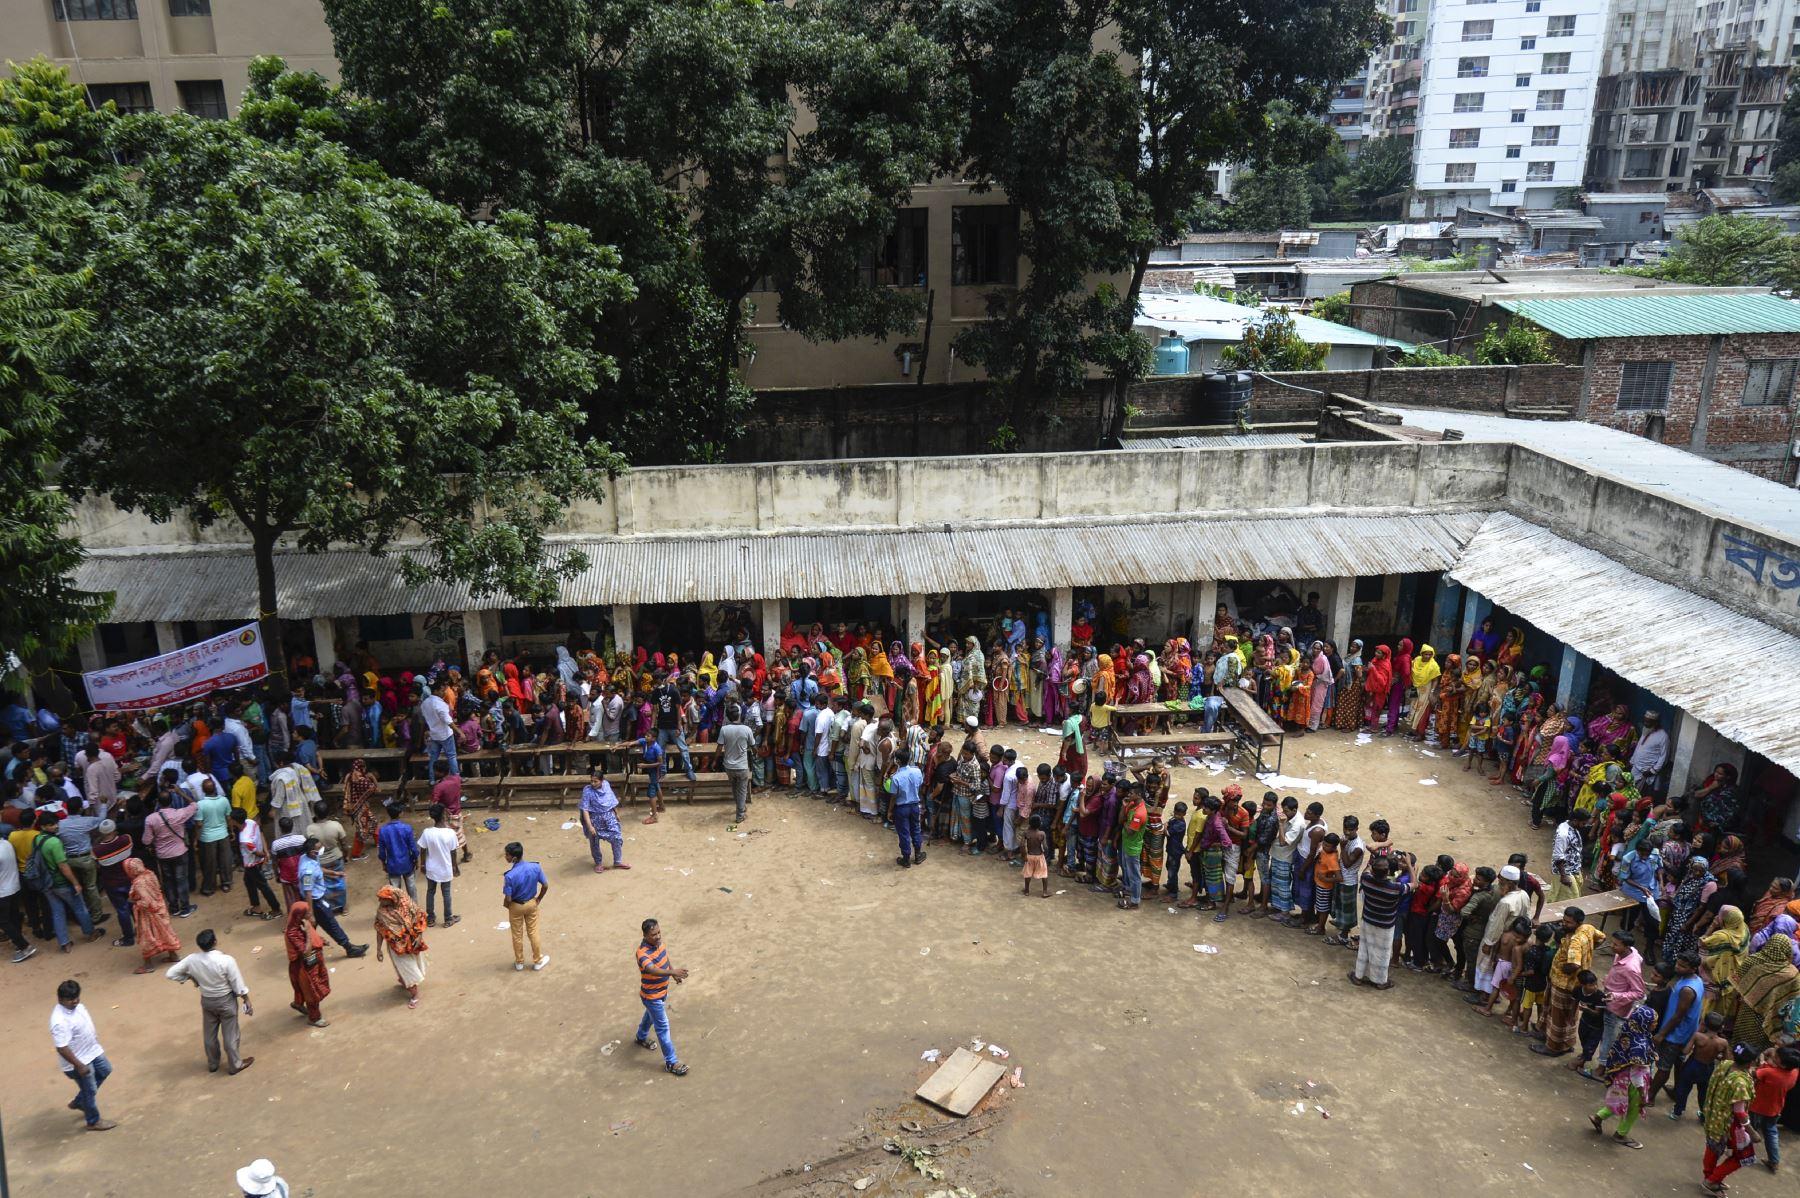 Los residentes de los barrios marginales hacen cola para comer en Dhaka , después de que un incendio estalló en un barrio pobre del barrio de Mirpur. Al menos 10,000 personas están sin hogar después de que un incendio masivo arrasó un barrio pobre lleno de gente en la capital de Bangladesh. Foto: AFP